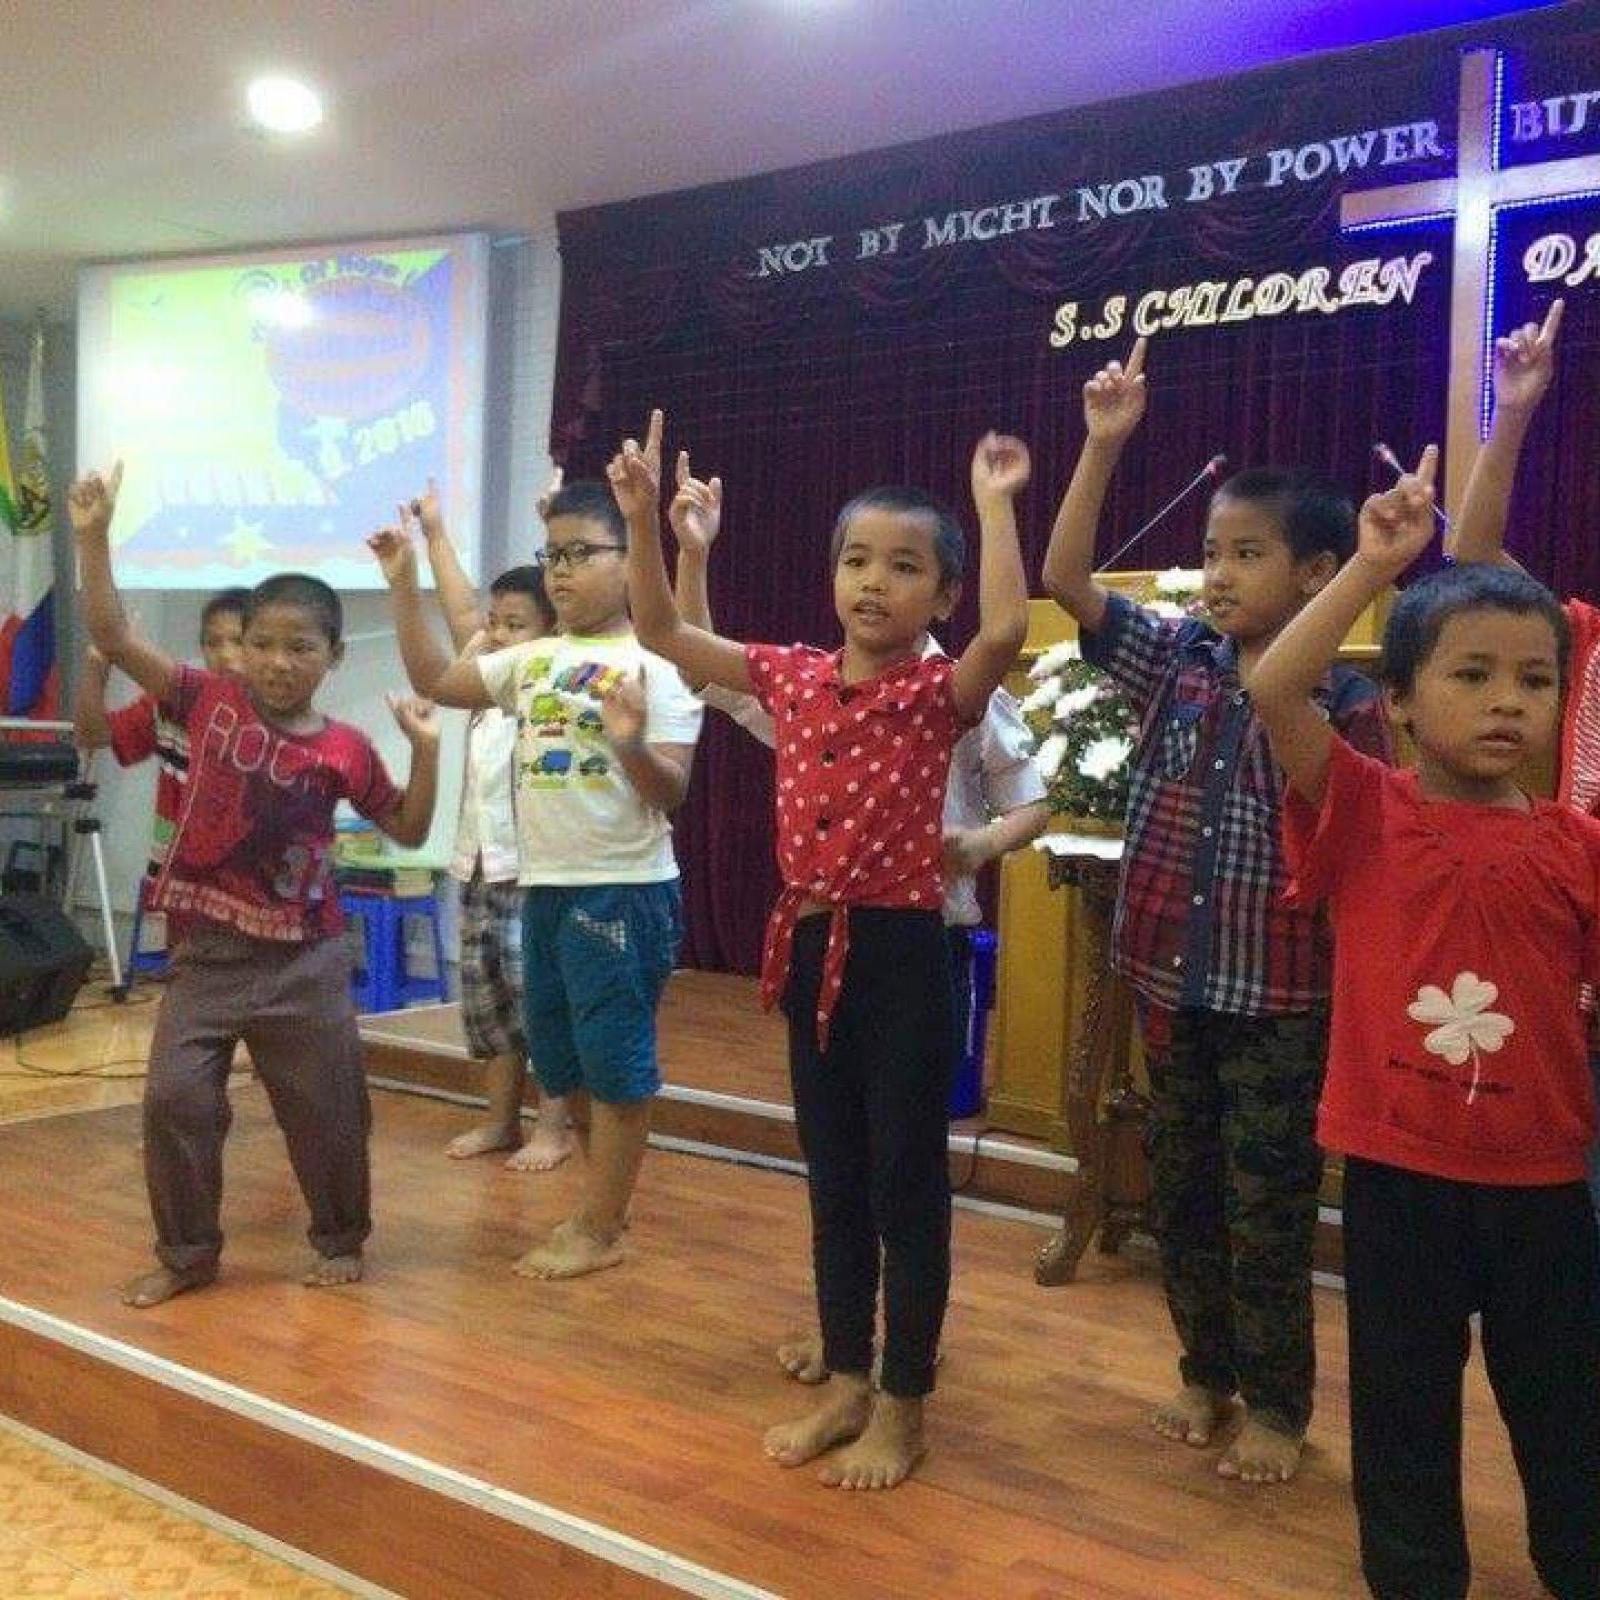 Myanmar children show